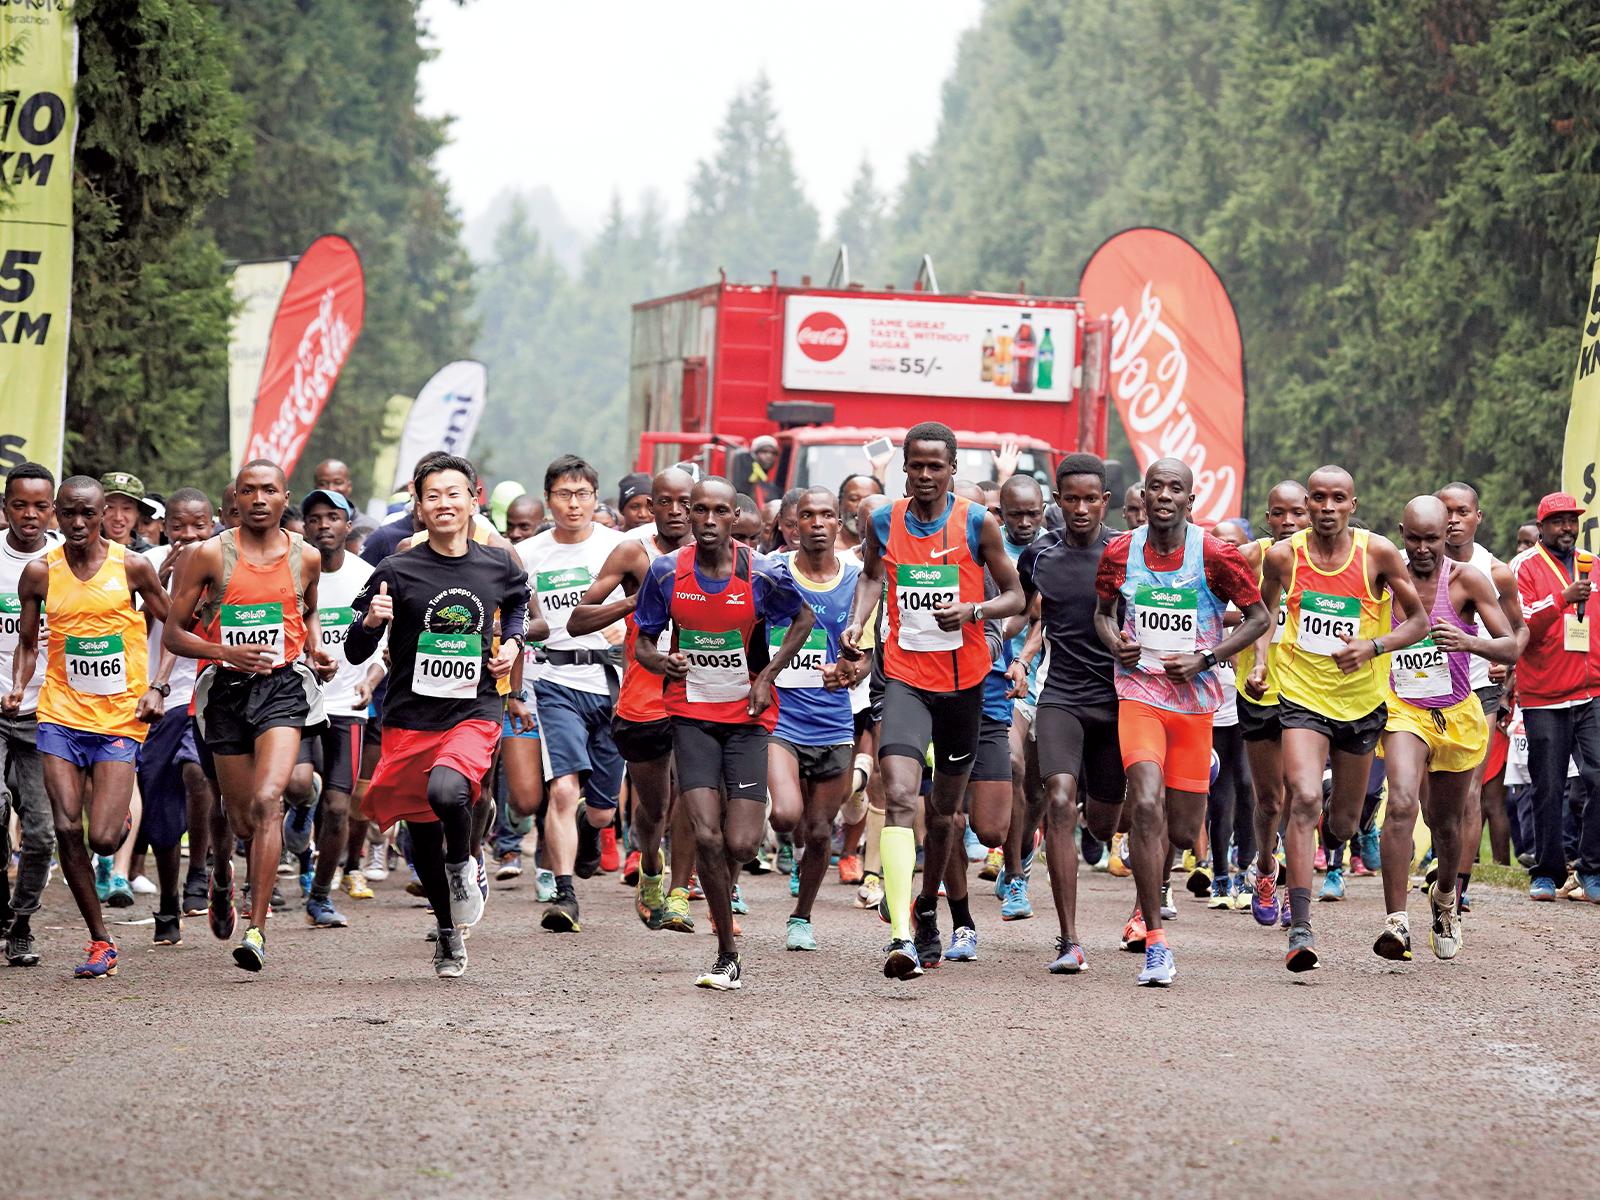 ケニアで開催した「ソトコト マラソン2019」。21キロ・10キロ・5キロの3カテゴリーで実施。子どもたちは5キロで参加。高橋尚子さんといっしょに力走した。